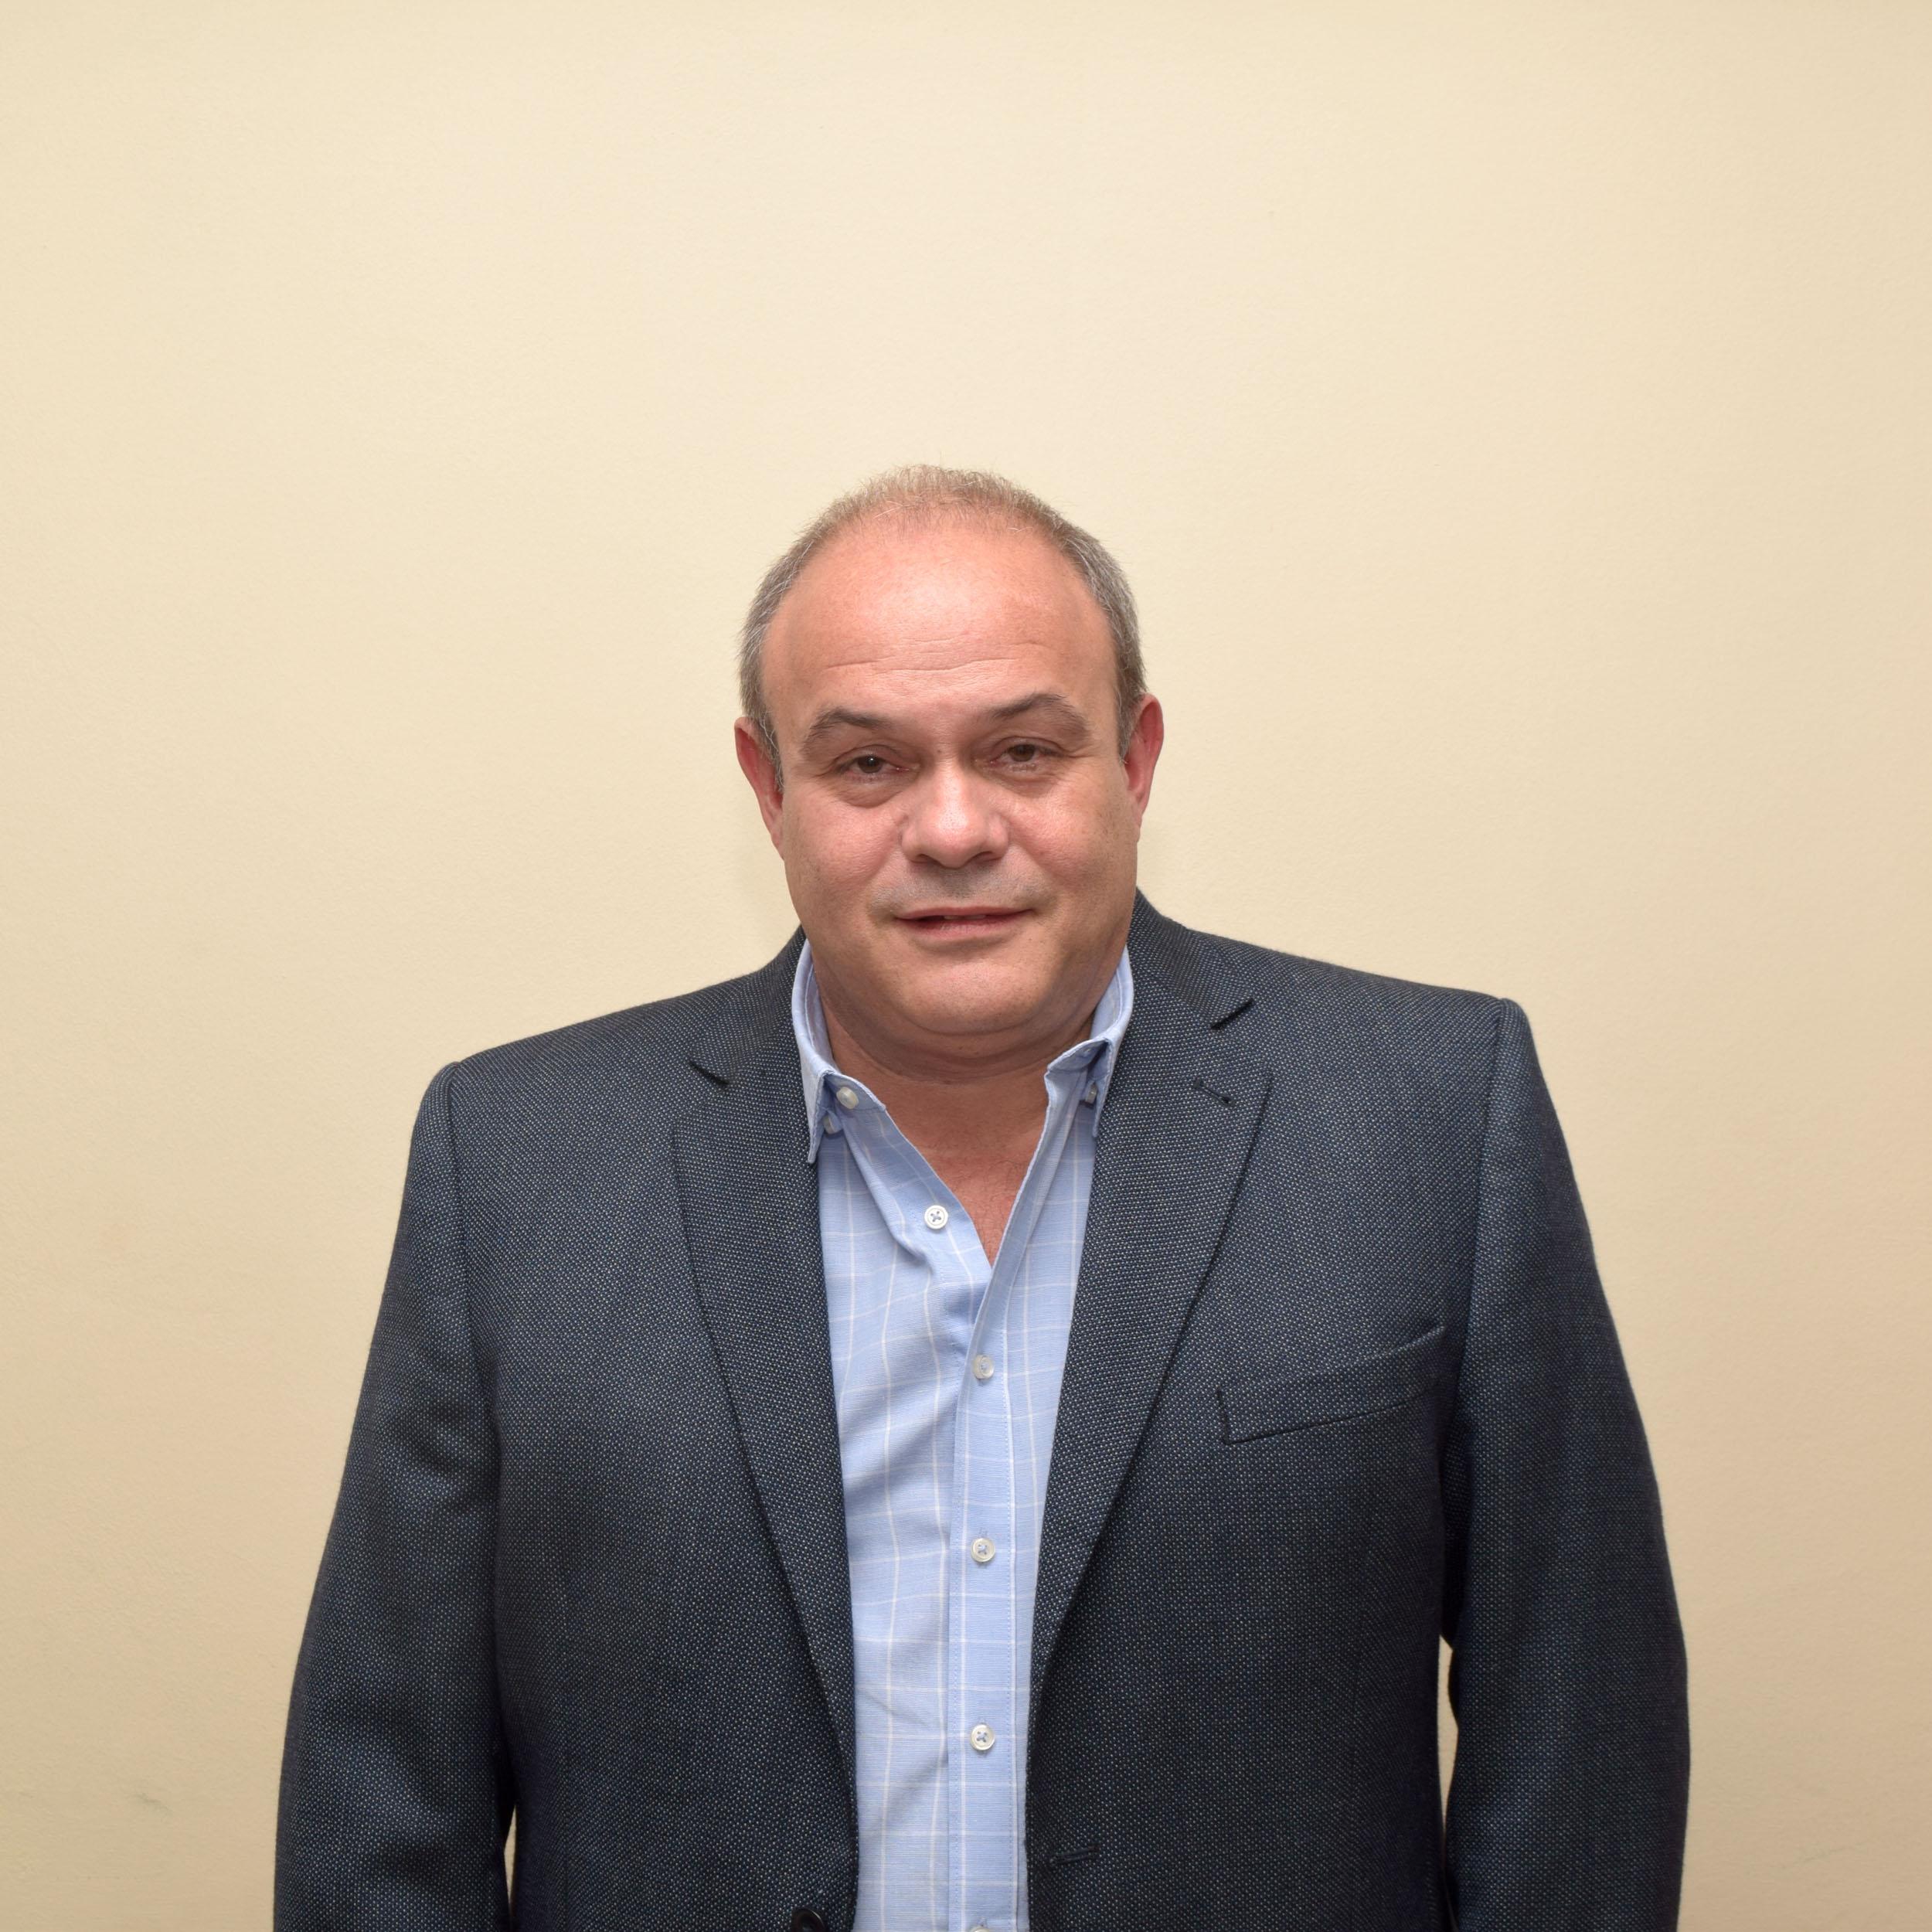 Pablo Fontanet